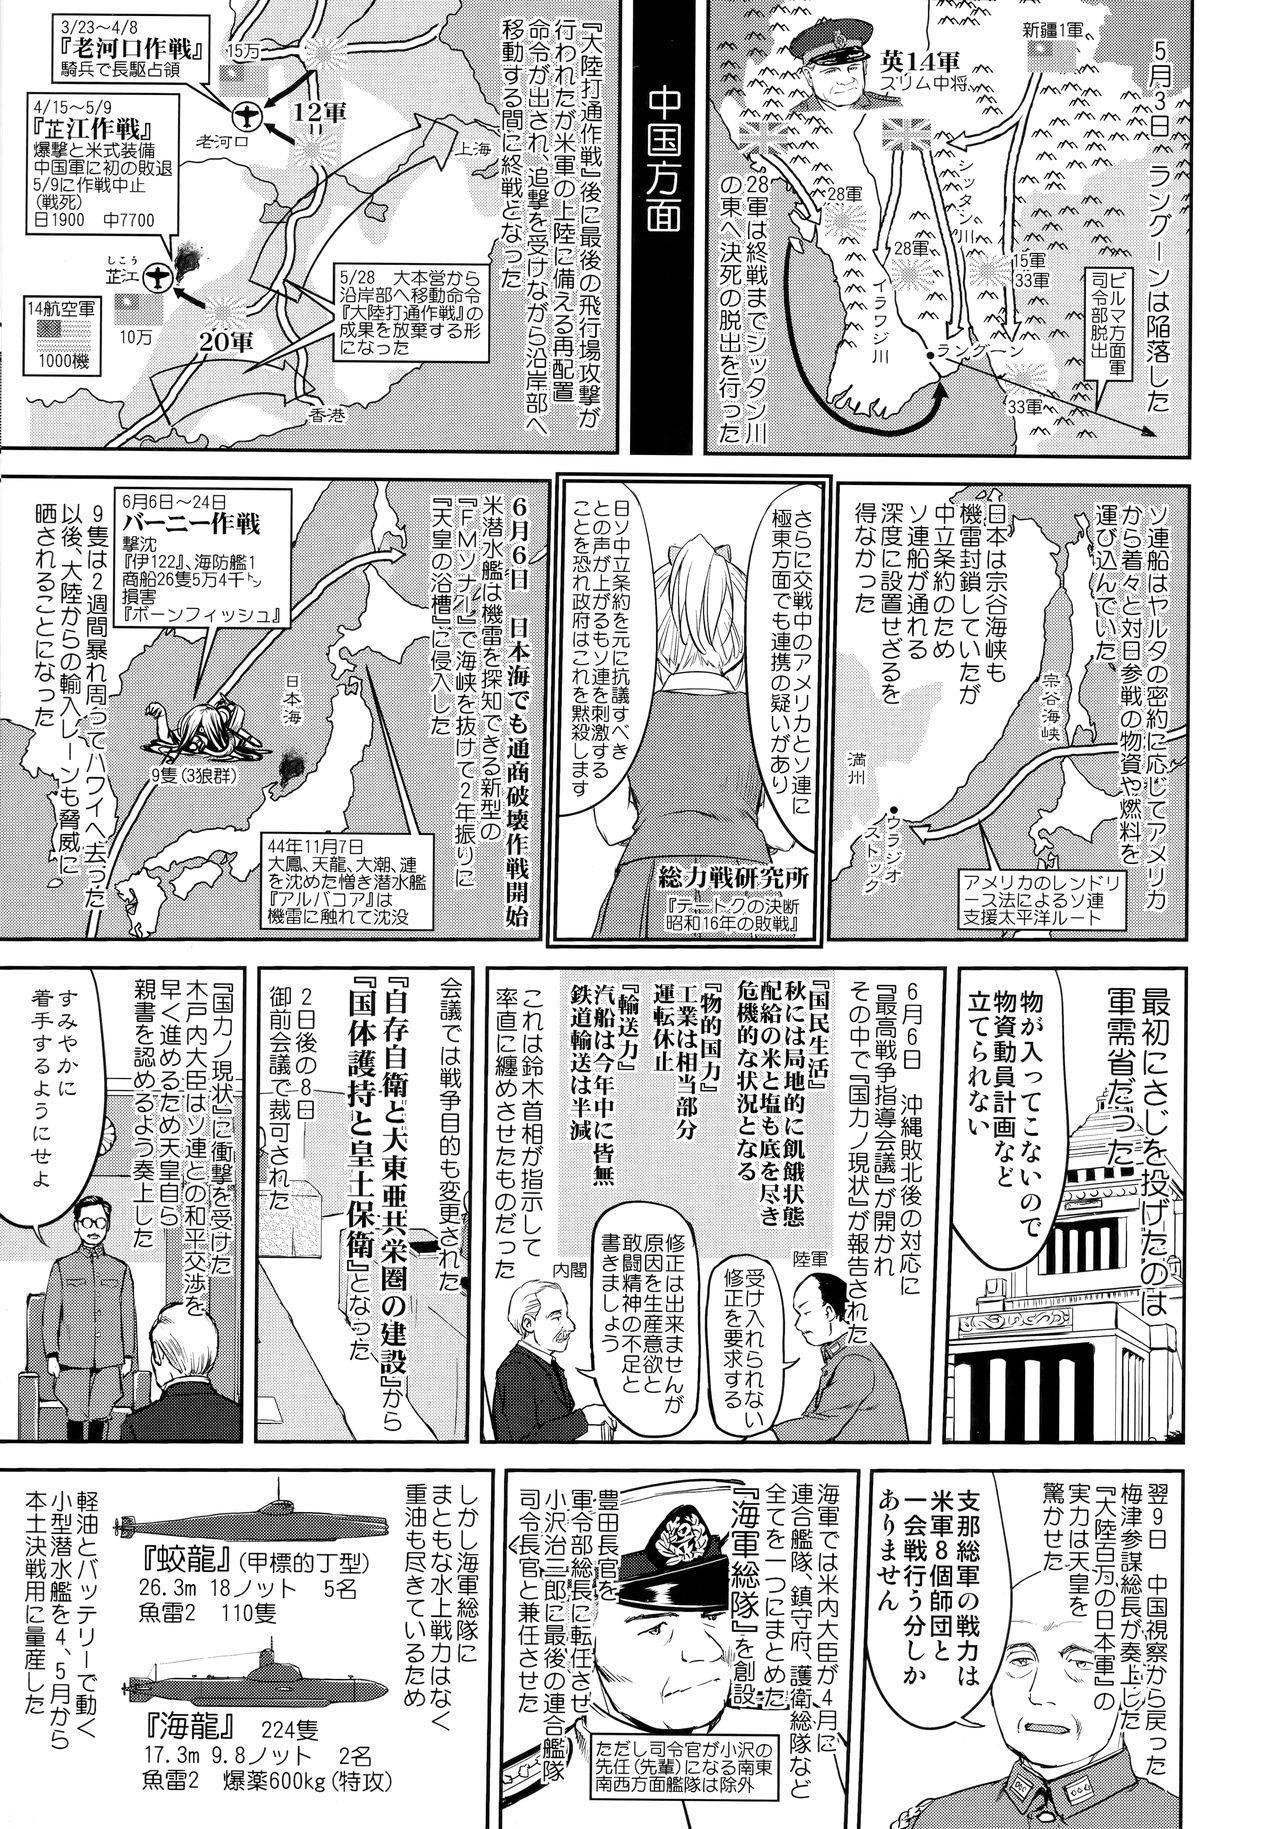 Teitoku no Ketsudan Kanmusu no Ichiban Nagai Hi 29